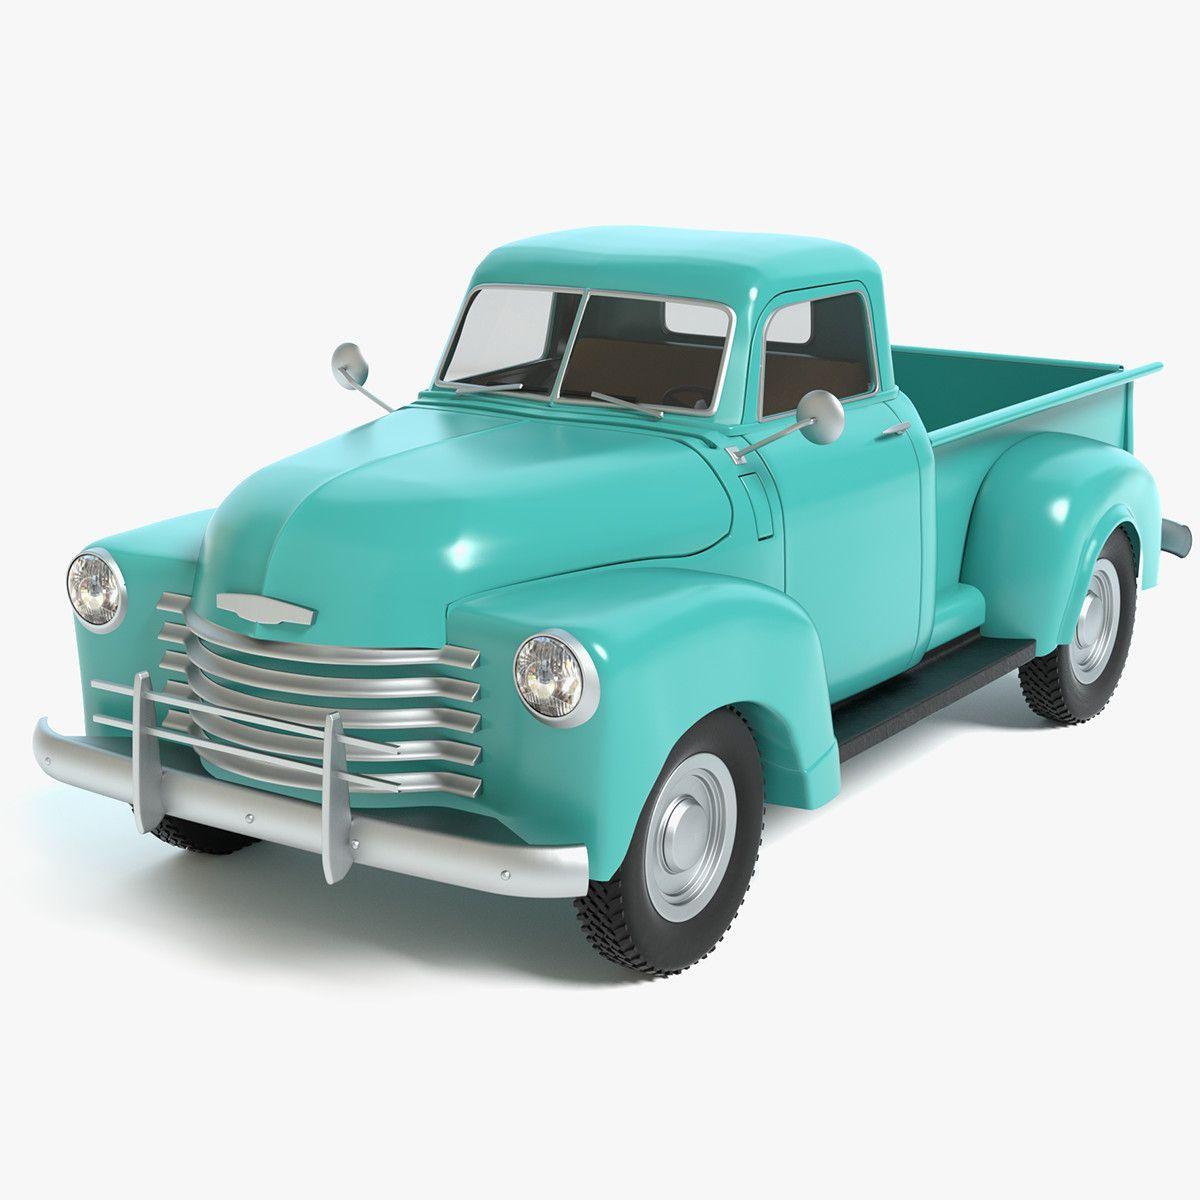 3D Model Old Pickup Truck - 3D Model   3D-Modeling   Pinterest   3d ...